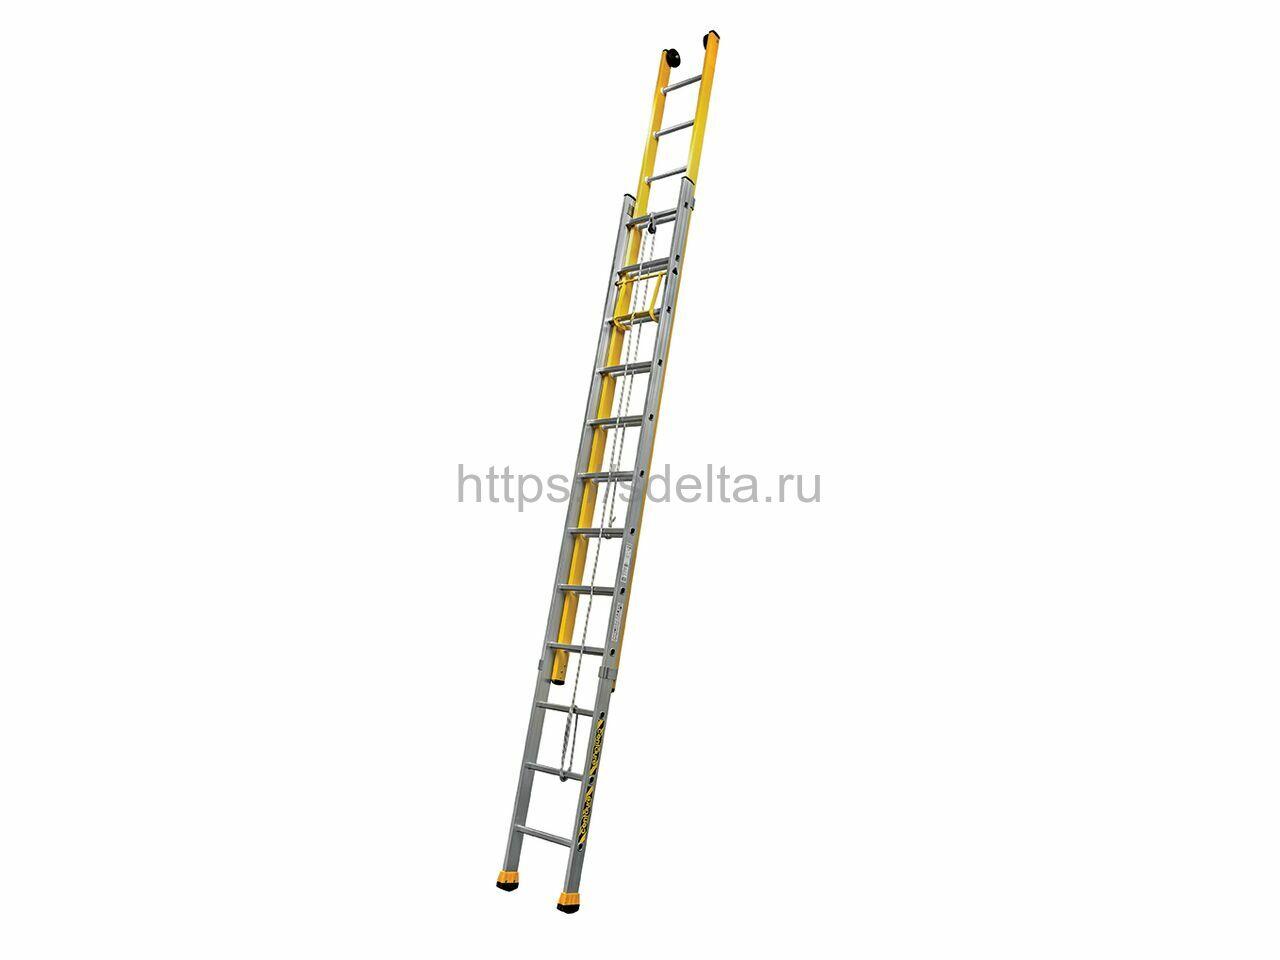 Диэлектрическая лестница C2 MIX 2х18 с тросом Centaure Франция